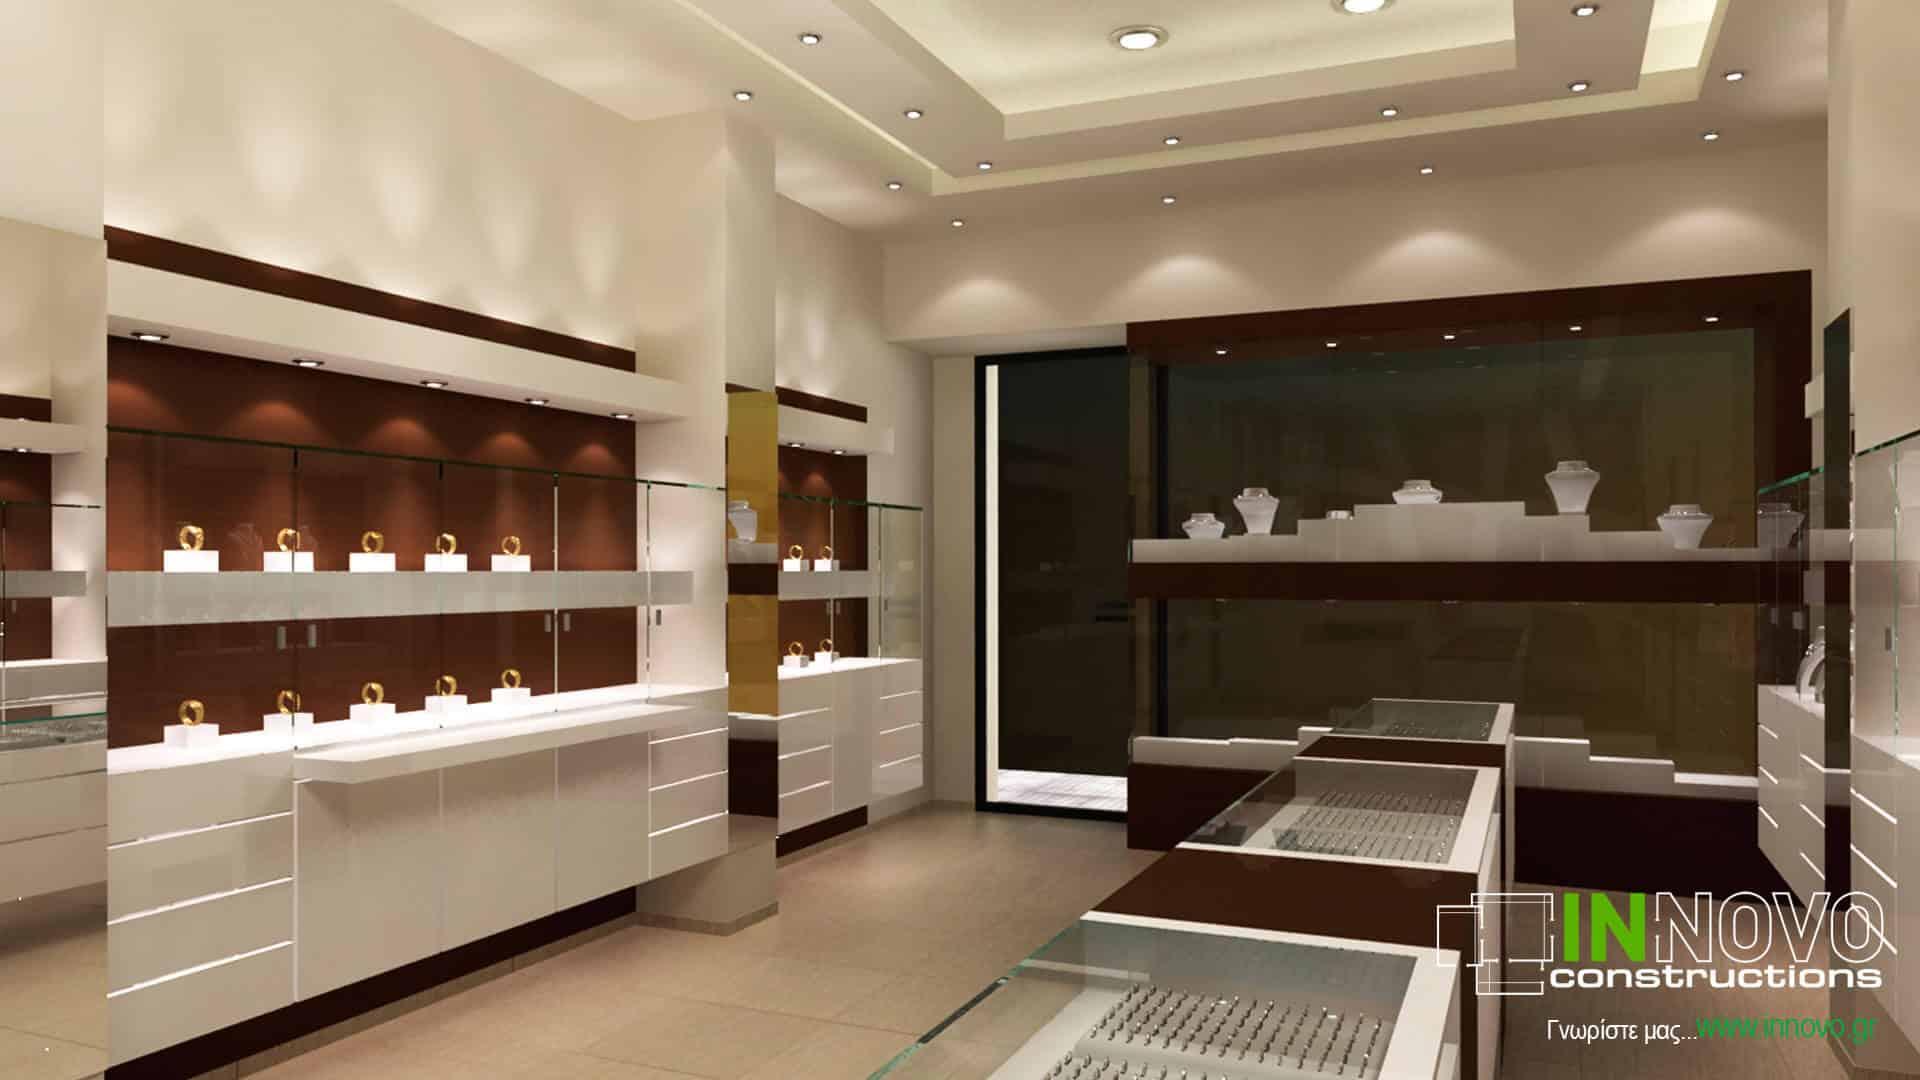 diakosmisi-kosmimatopoleiou-jewelry-design-kosmimatopoleio-lefkada-1187-14